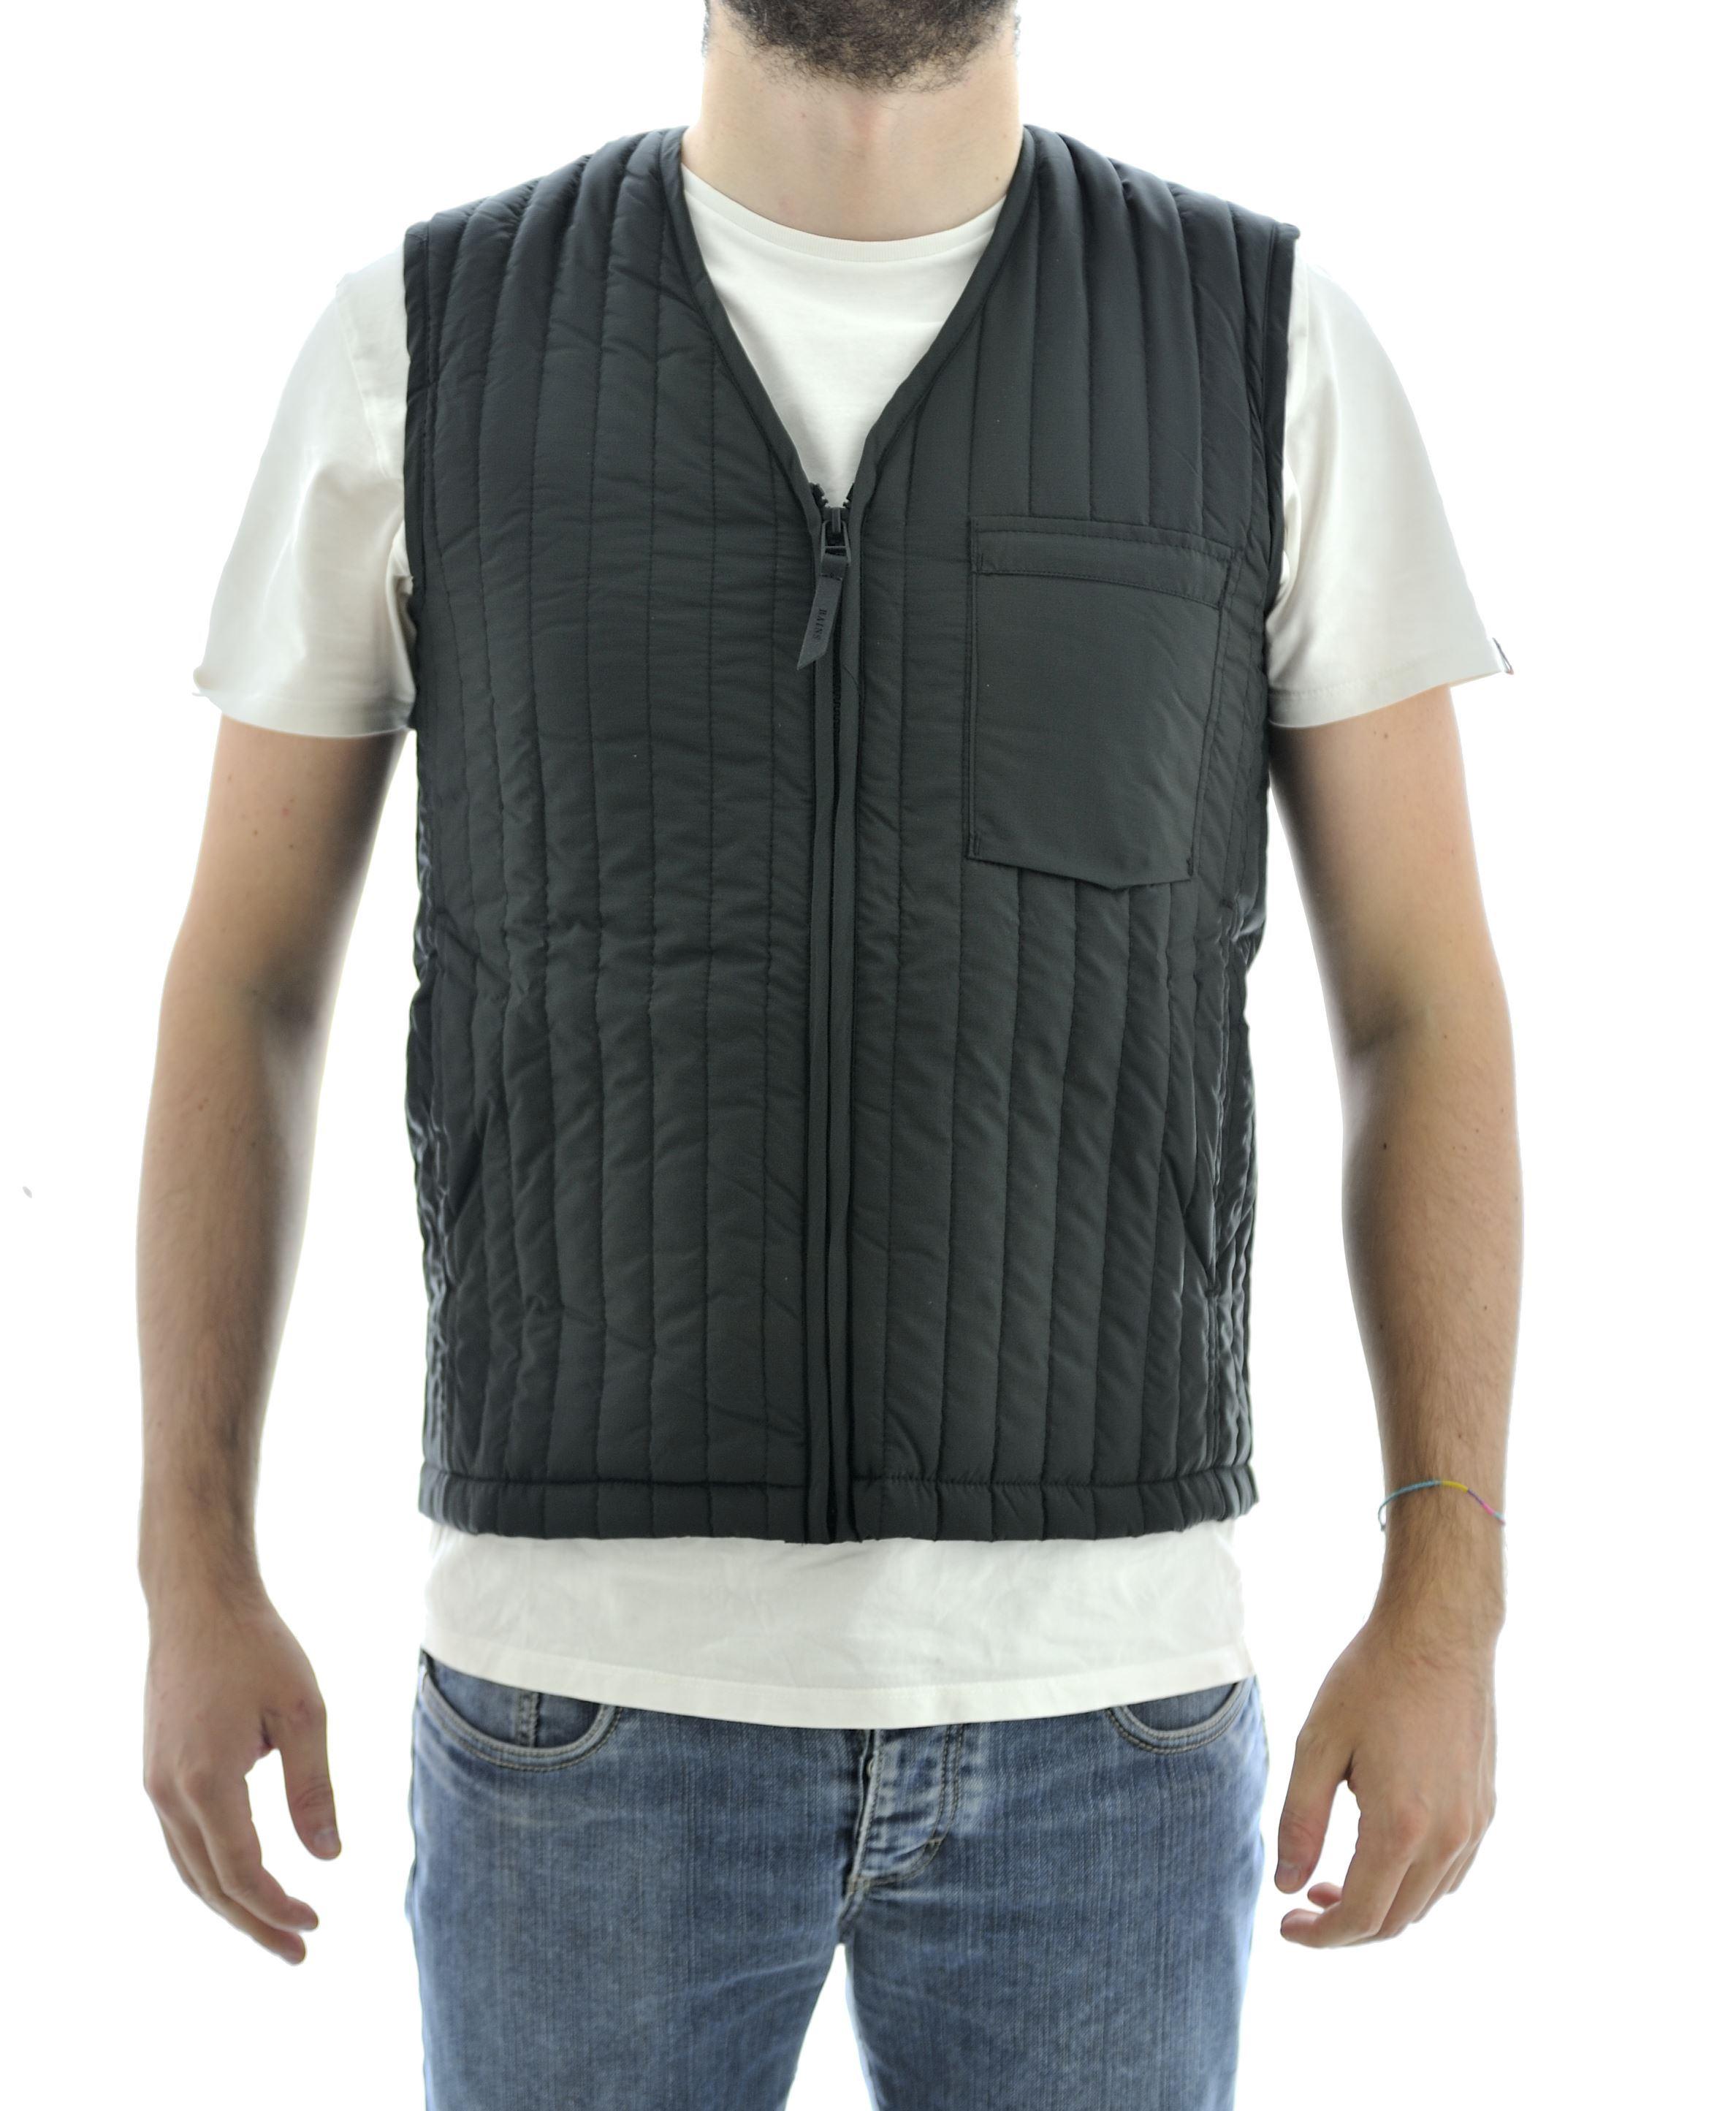 Picture of Liner Vest 1832 Black